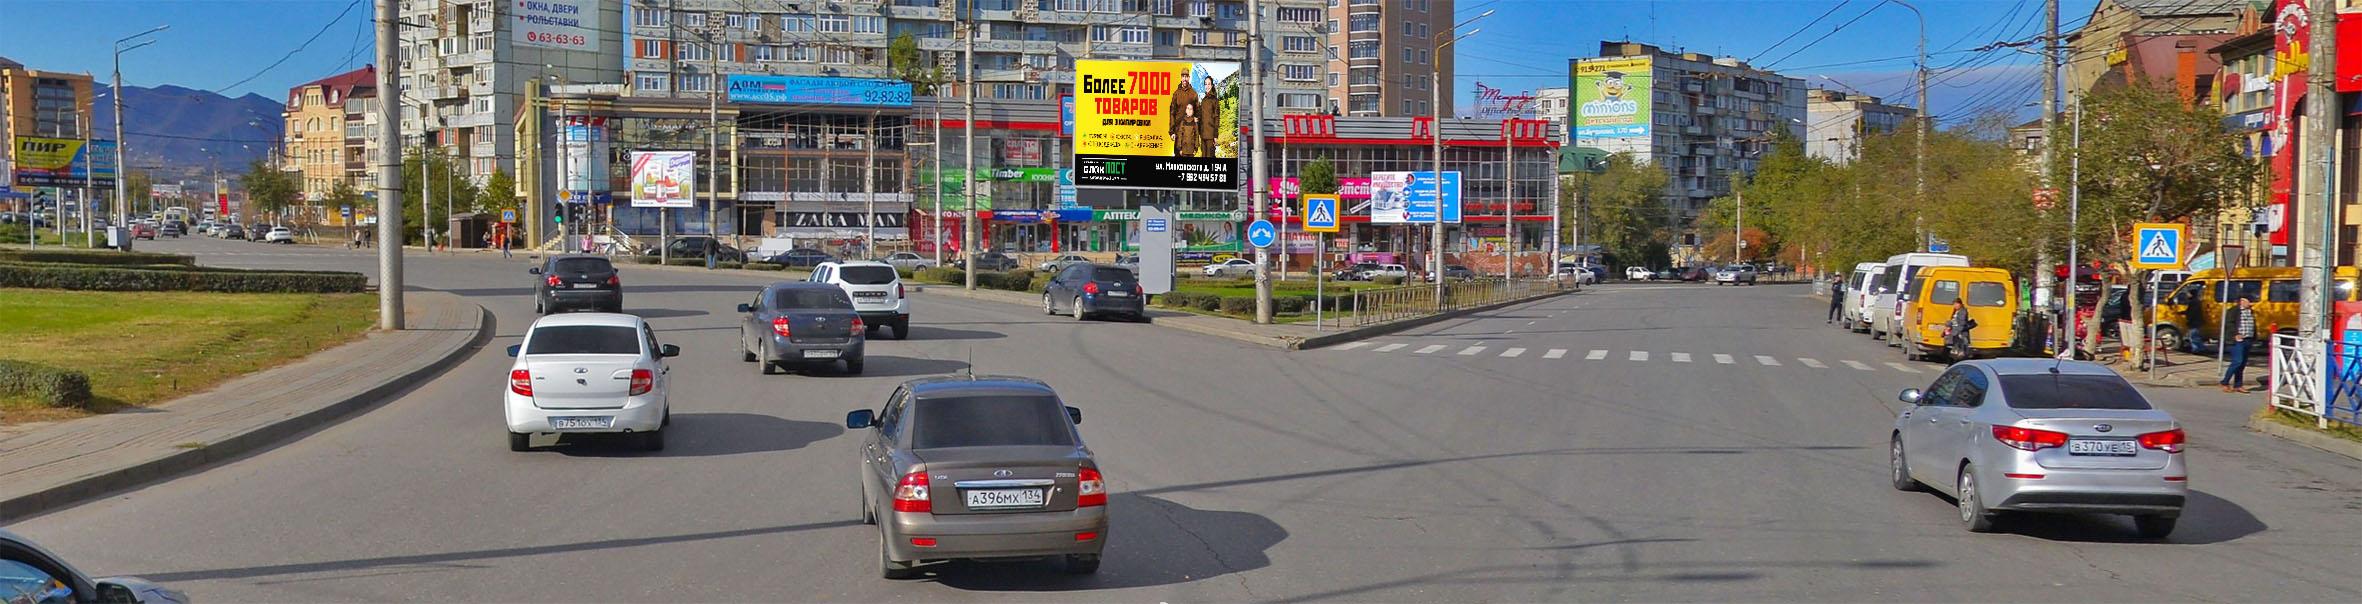 Размещение рекламы на светодиодных экранах в Махачкале Магомедтагирова